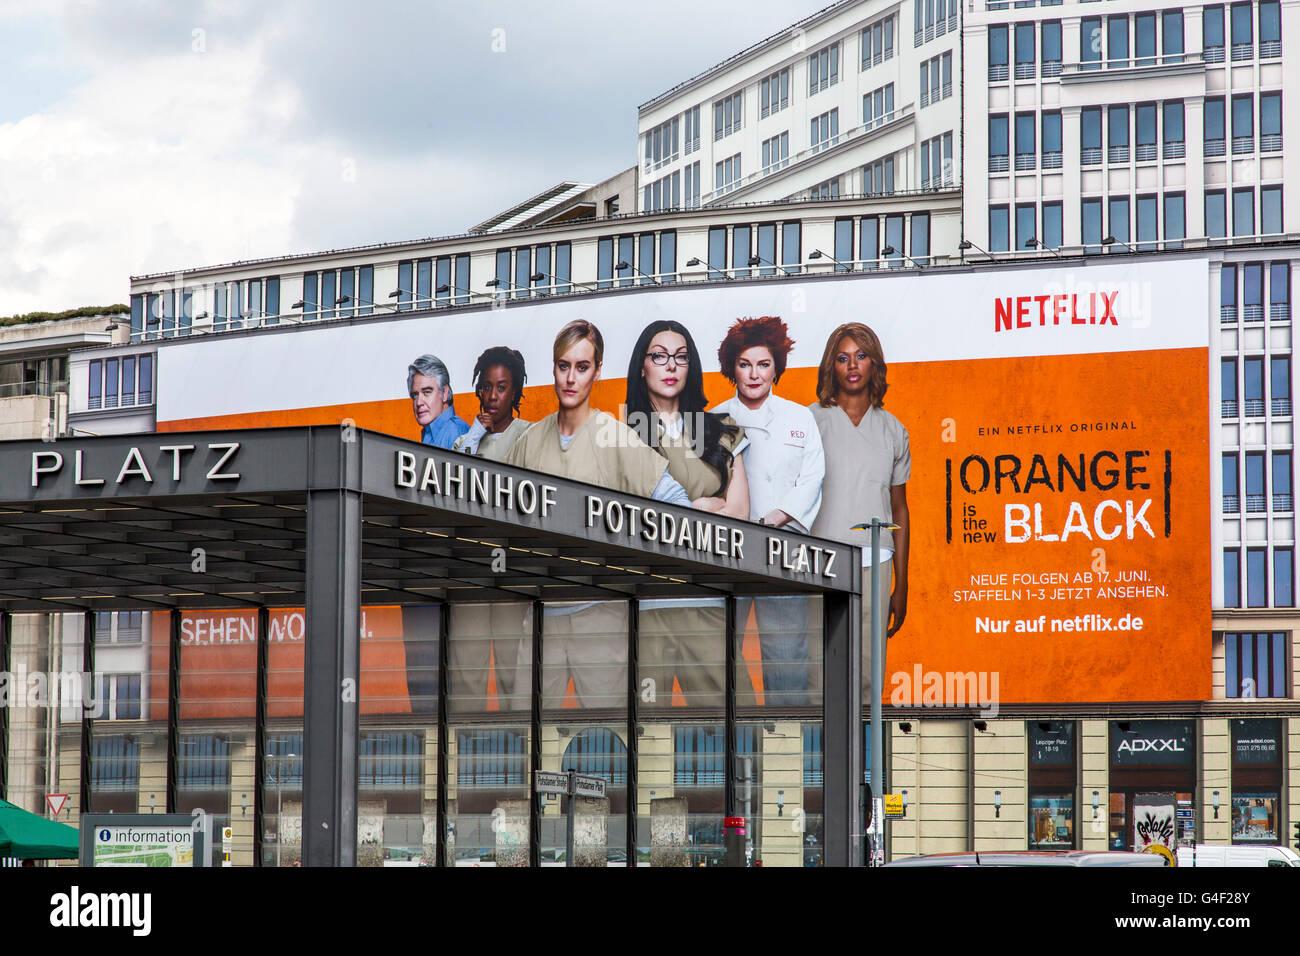 Las grandes vallas publicitarias en un edificio en la Potsdamer Platz en Berlín, por el canal de pago Netflix, Imagen De Stock